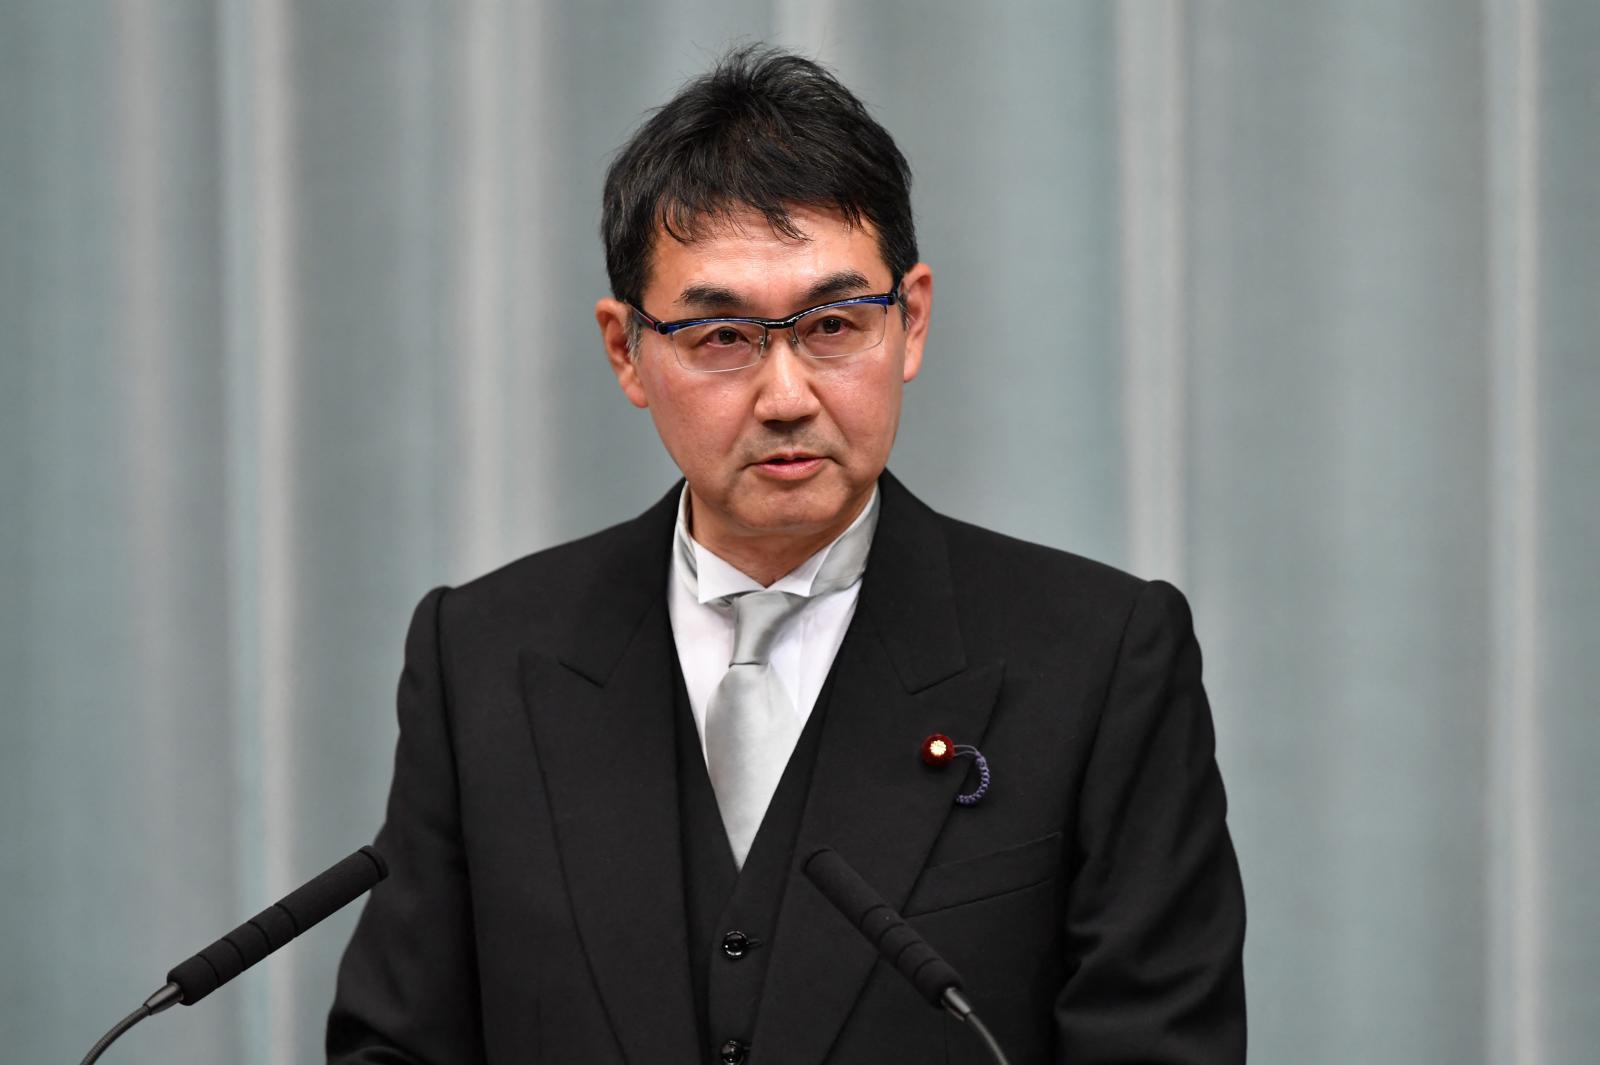 ศาลญี่ปุ่นสั่งจำคุก อดีตรมว.ยุติธรรม 3 ปี เซ่นปมซื้อเสียง